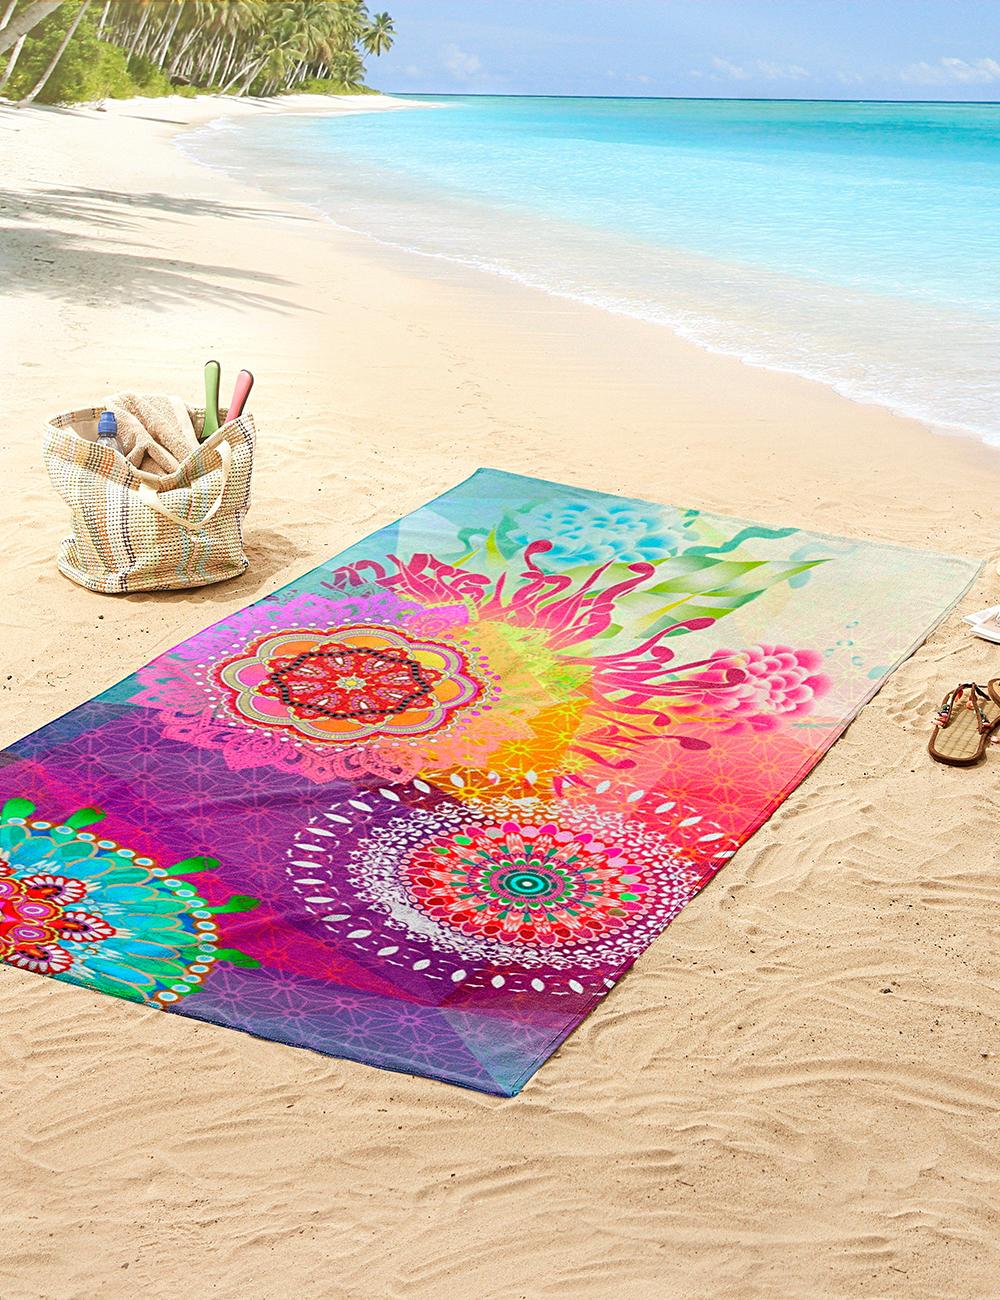 Tuch zum Liegen tragen Strand